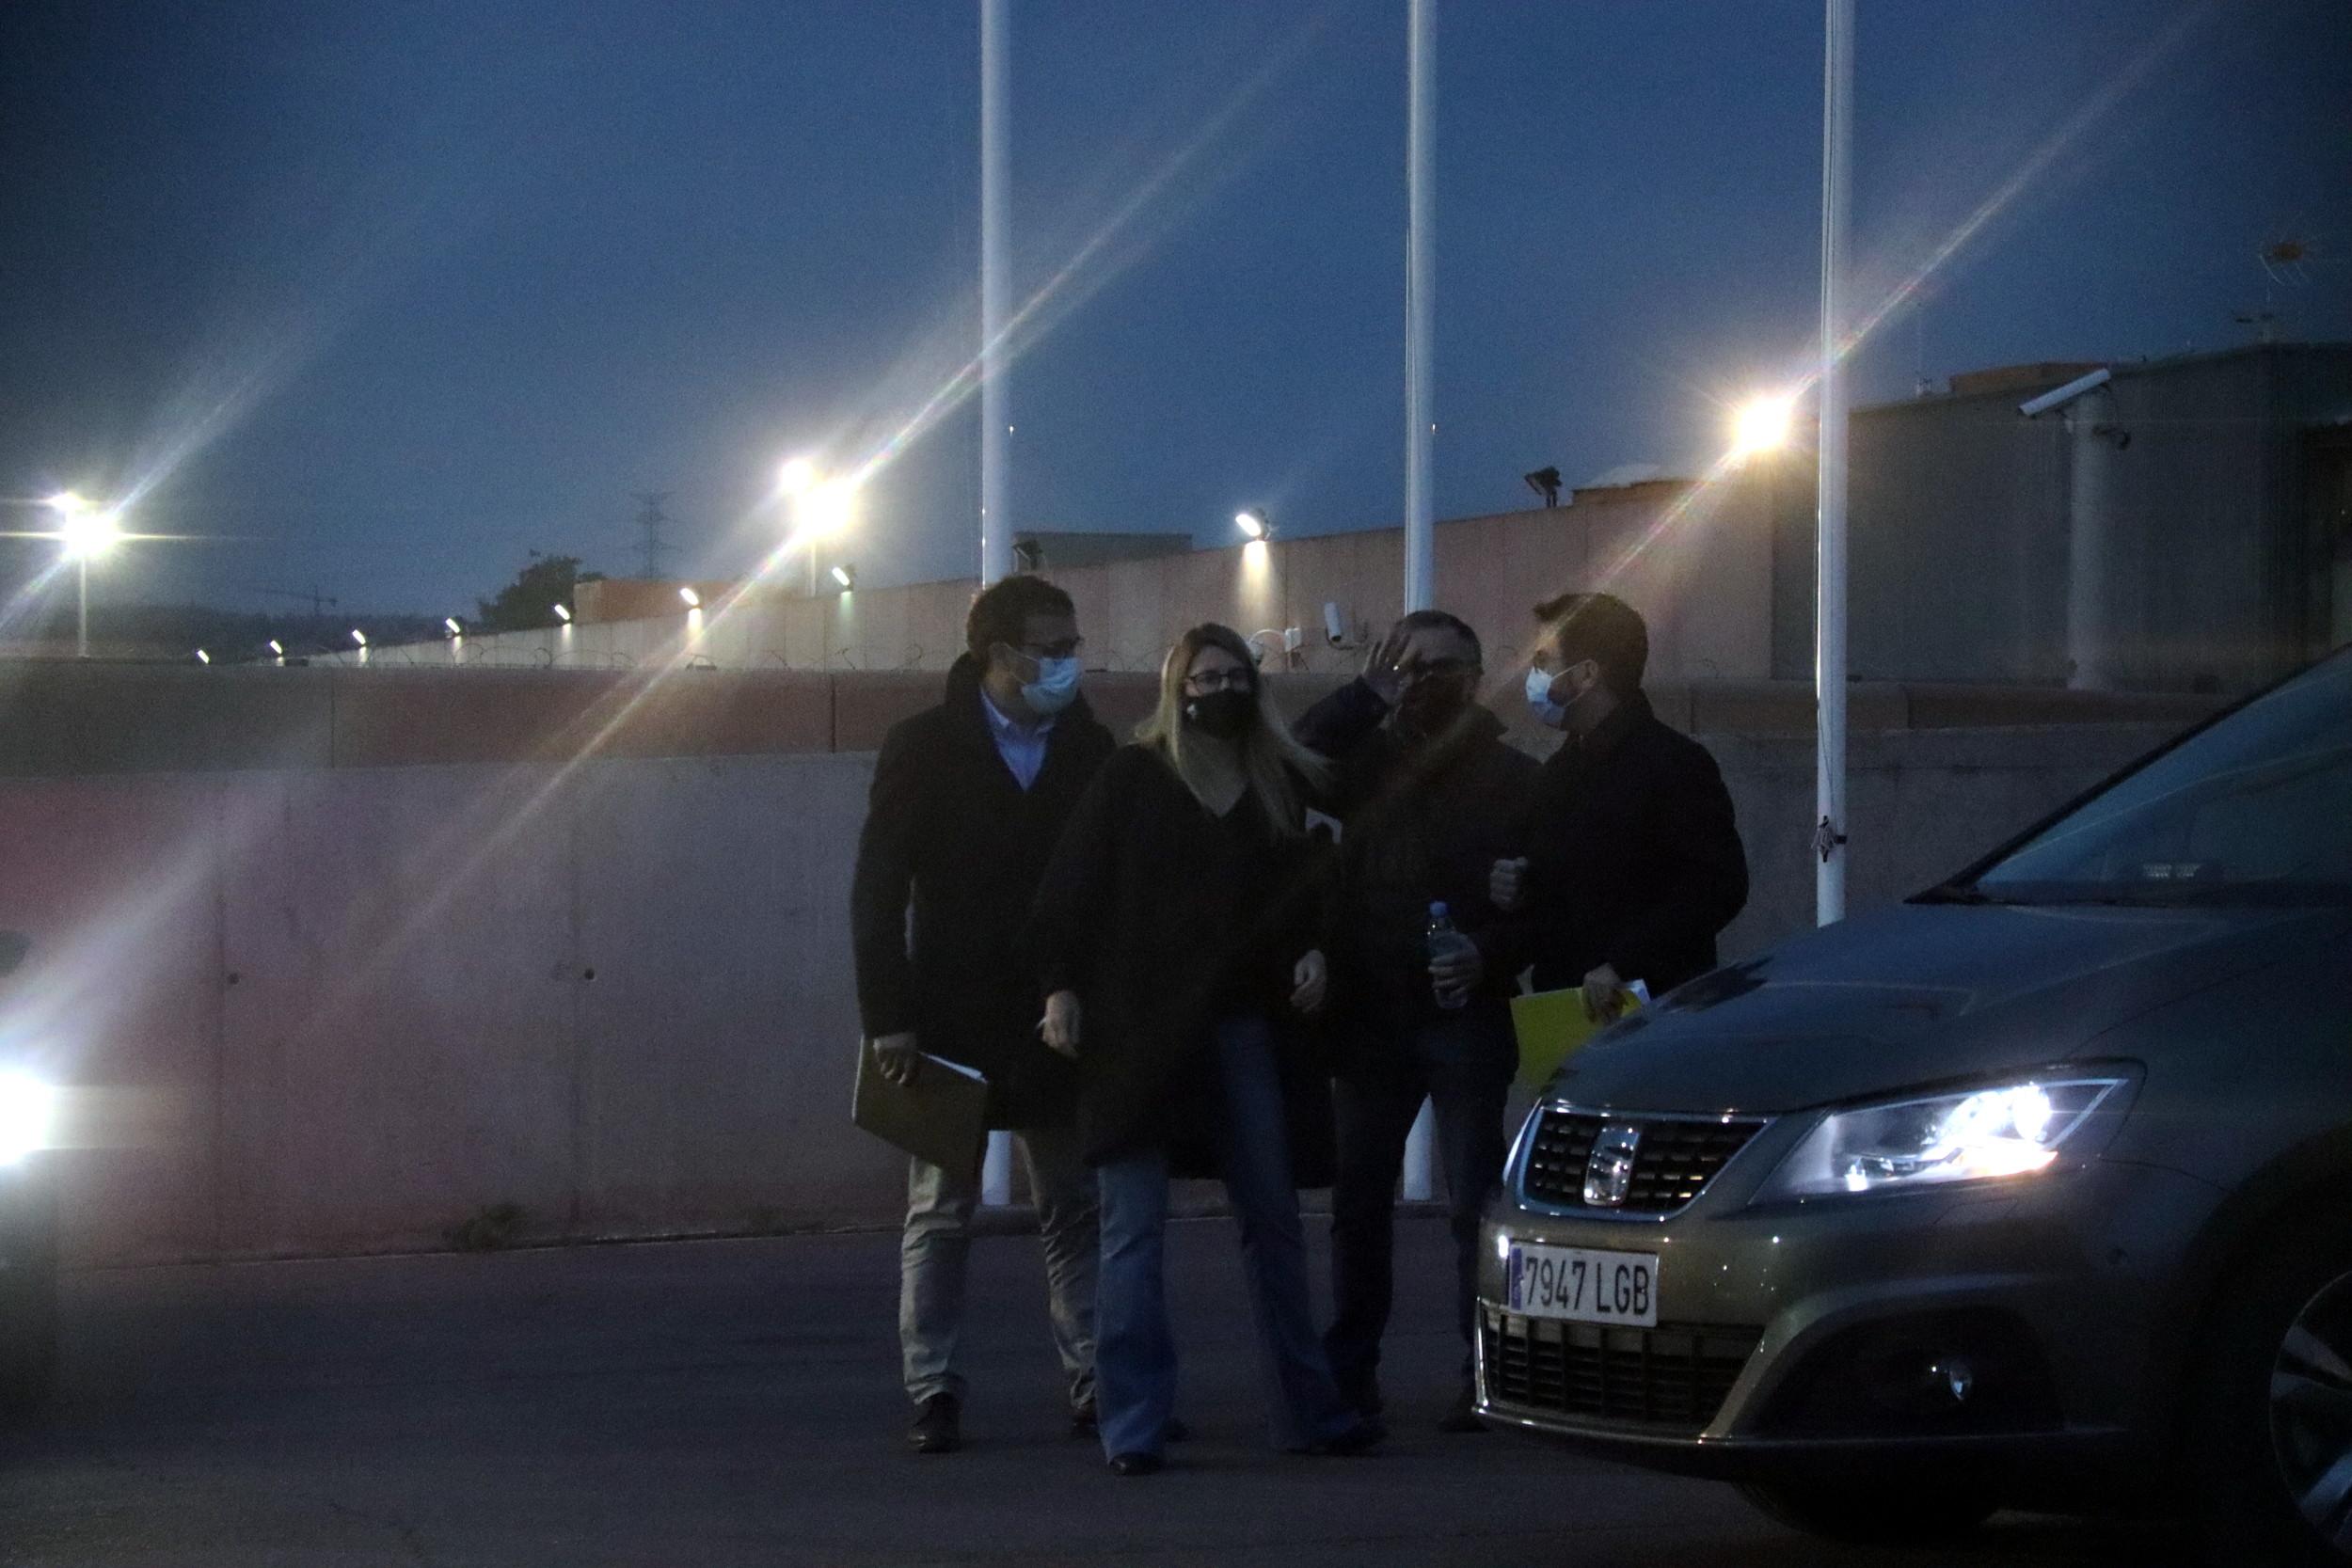 Artadi i Rius, de JxCat, i Aragonès i Jové, d'ERC, a l'exterior de Lledoners després de finalitzar la reunió / ACN